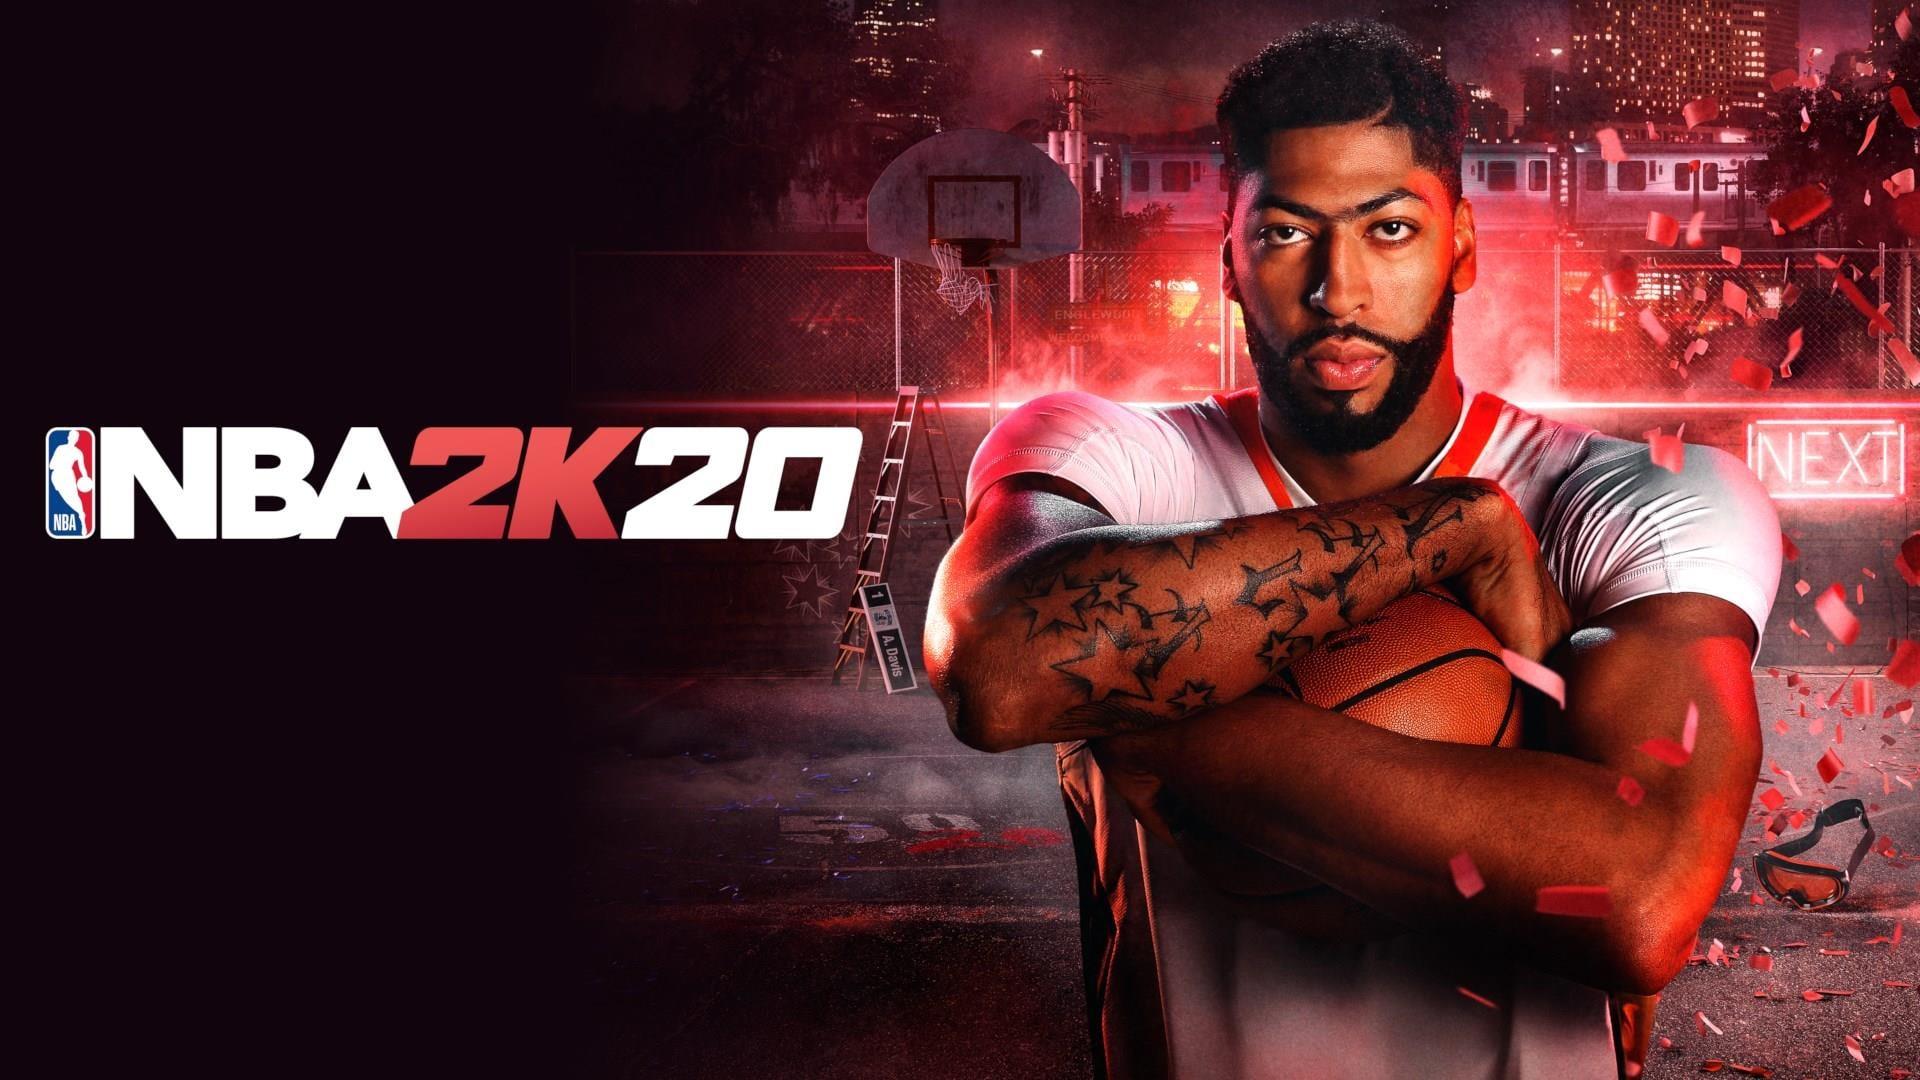 فهرست تروفیهای NBA 2K20